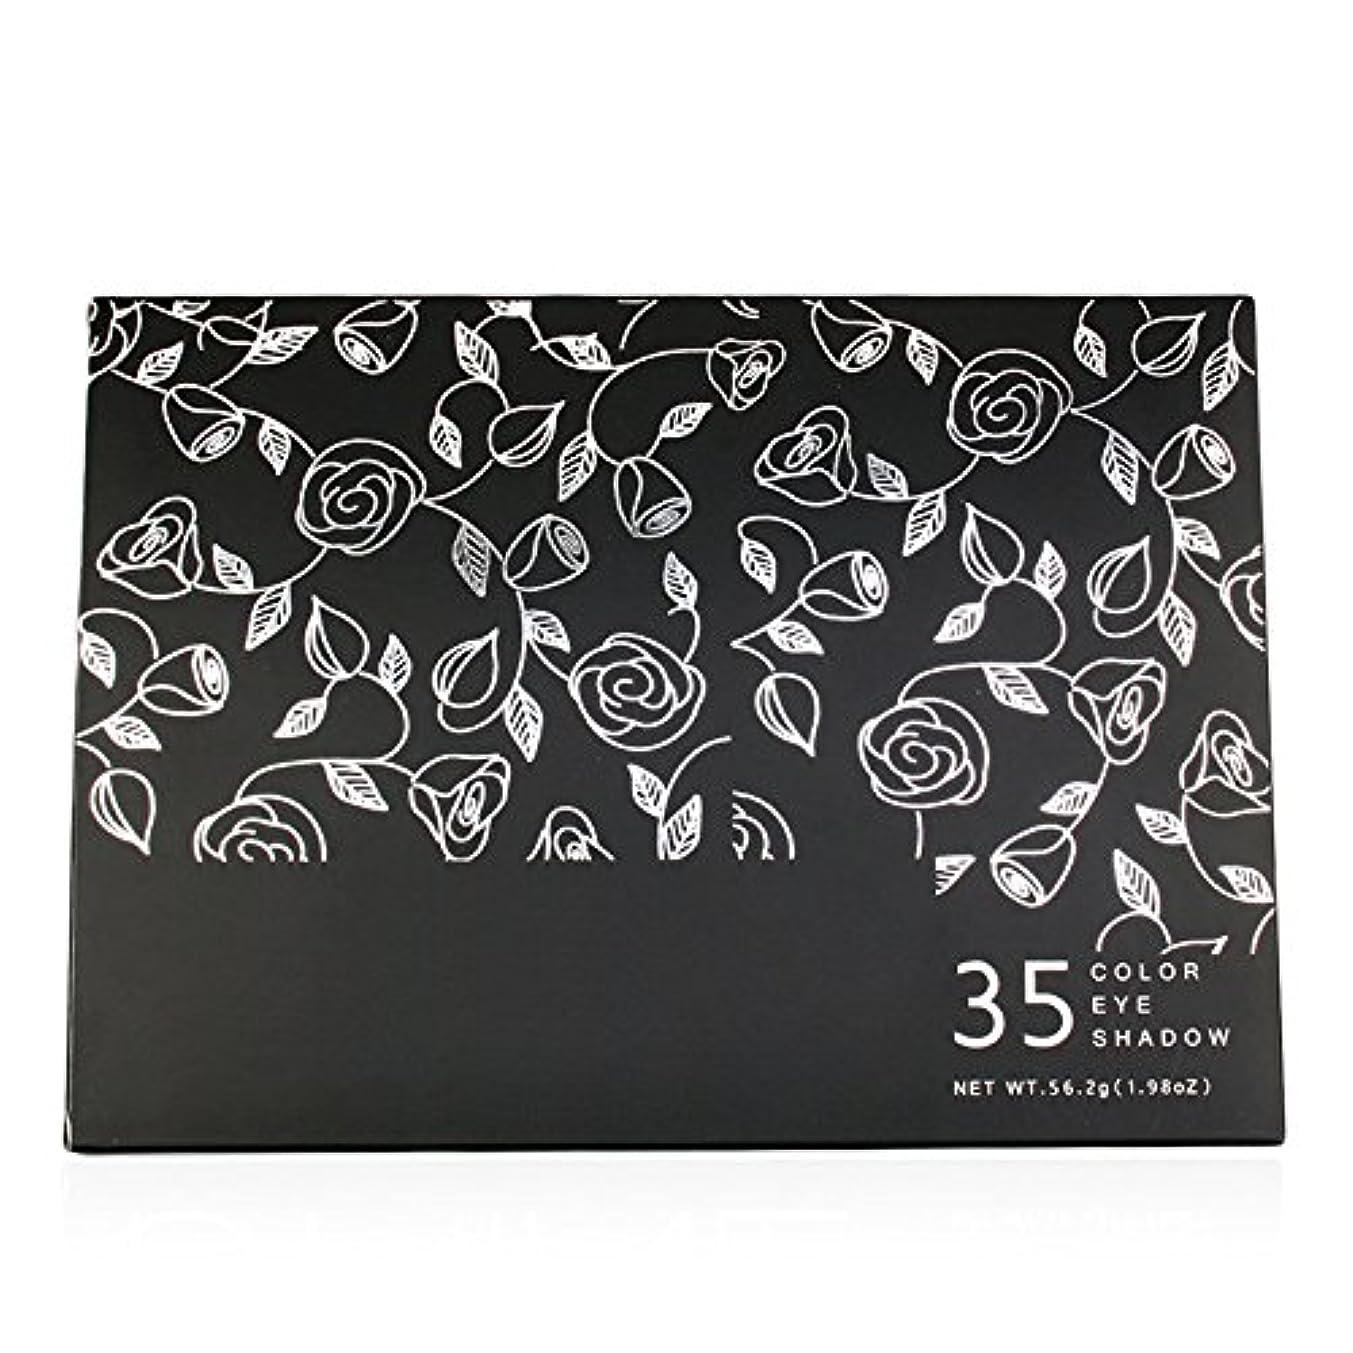 深める聞きます無駄Akane アイシャドウパレット 35HC 魅力的 ファッション 気質的 綺麗 花柄 高級 マット チャーム 長持ち つや消し おしゃれ 持ち便利 Eye Shadow (35色)